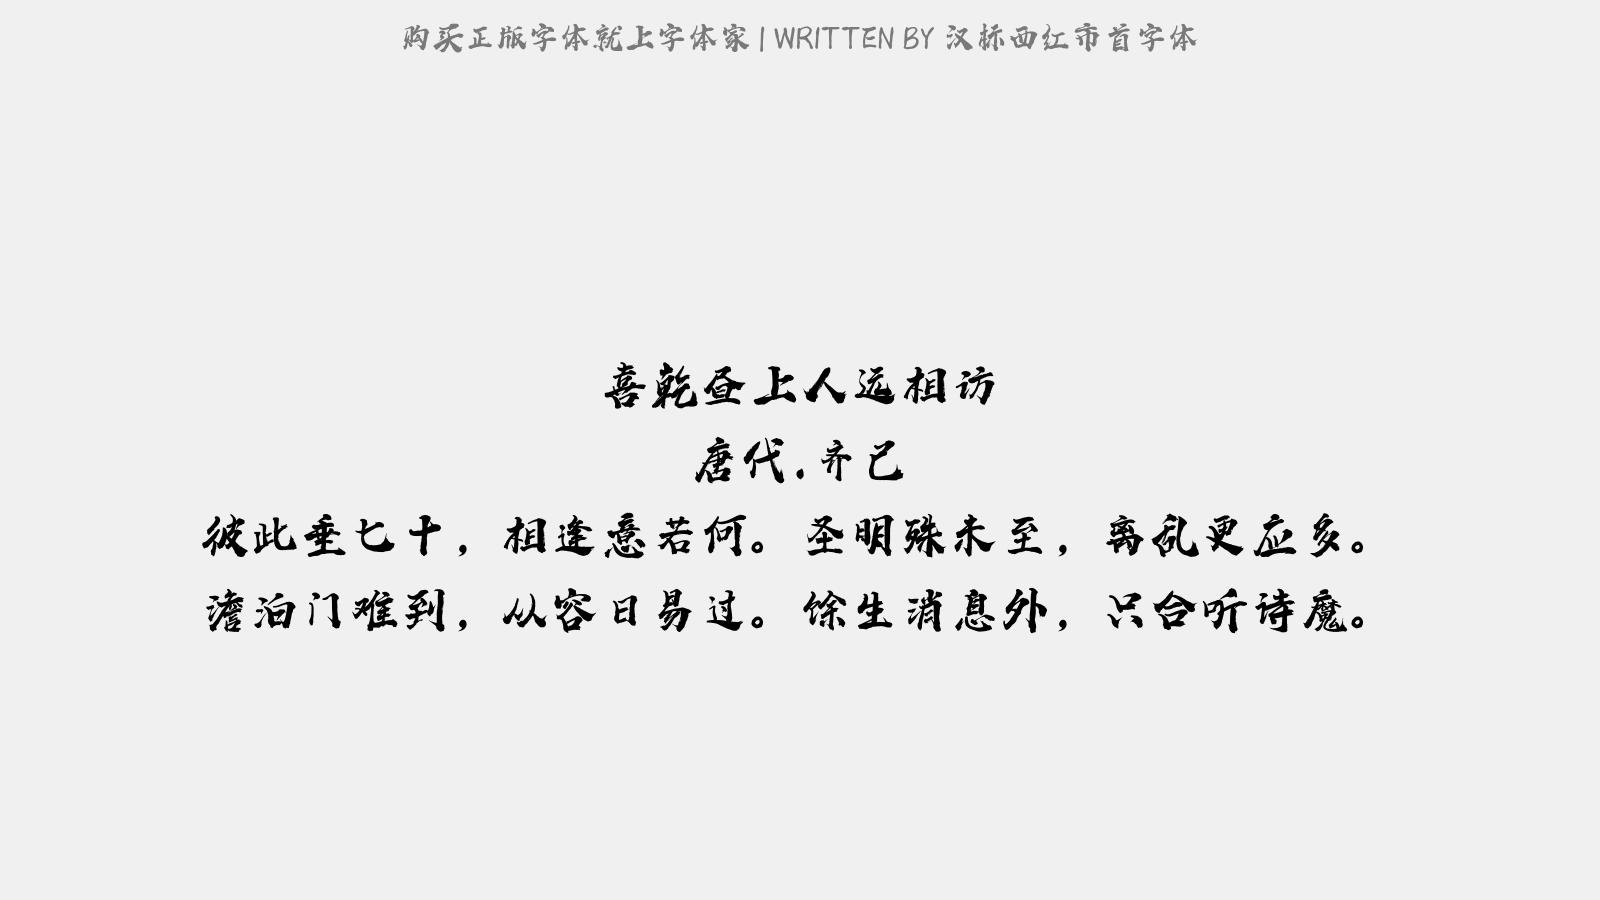 漢標西紅市首字體 - 喜乾晝上人遠相訪